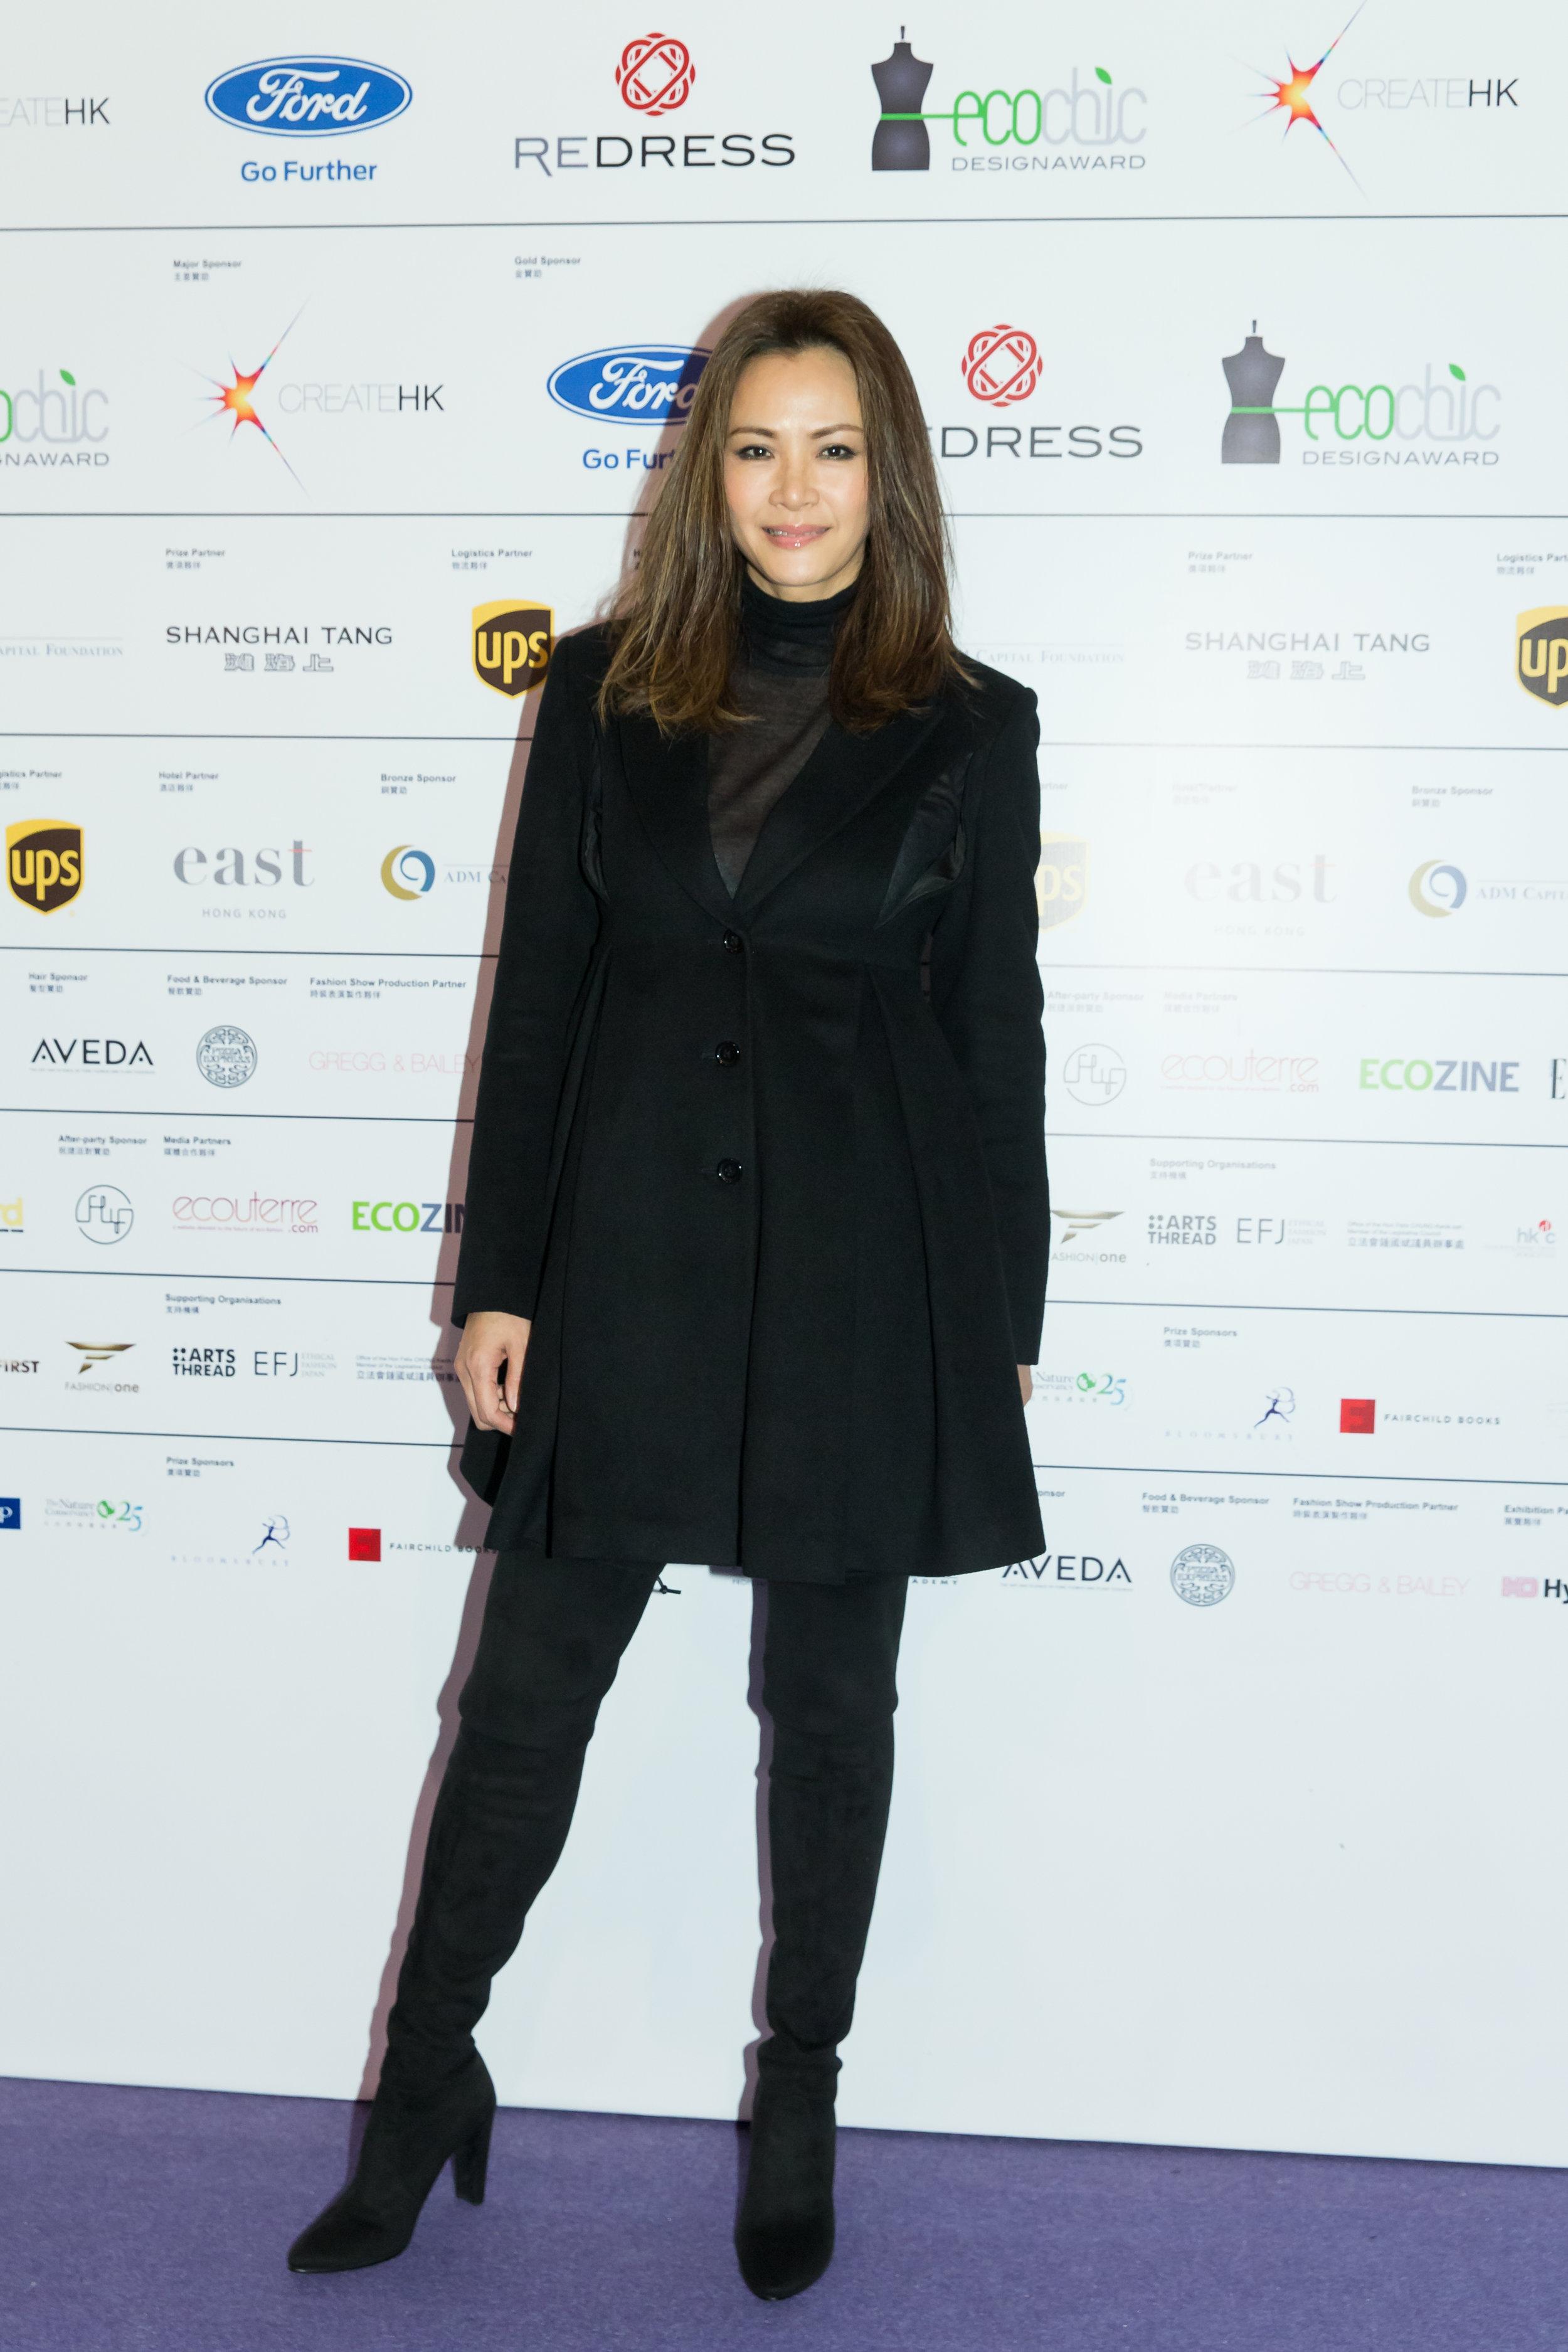 Hong Kong supermodel Janet Ma wears Alex Leau to attend the Redress Design Award 2015/16 Grand Final Show